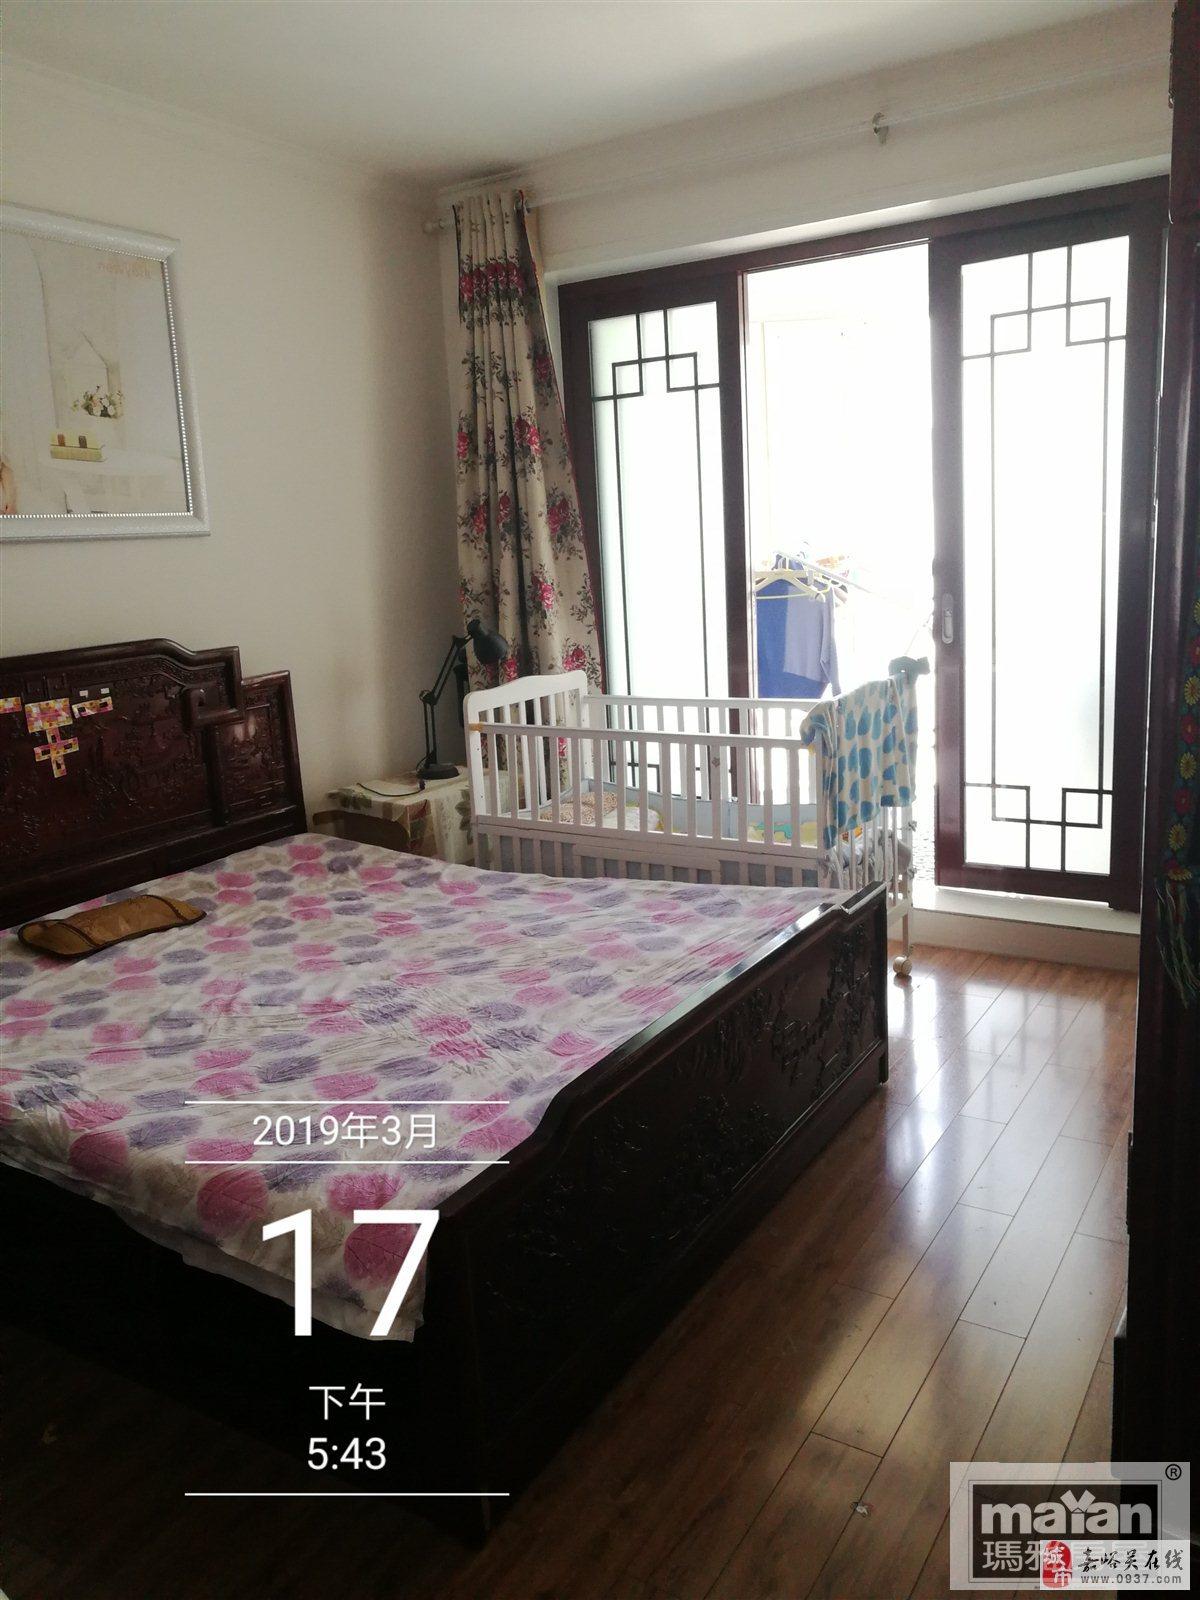 【玛雅房屋】五一街区3楼3室2厅2卫55万元